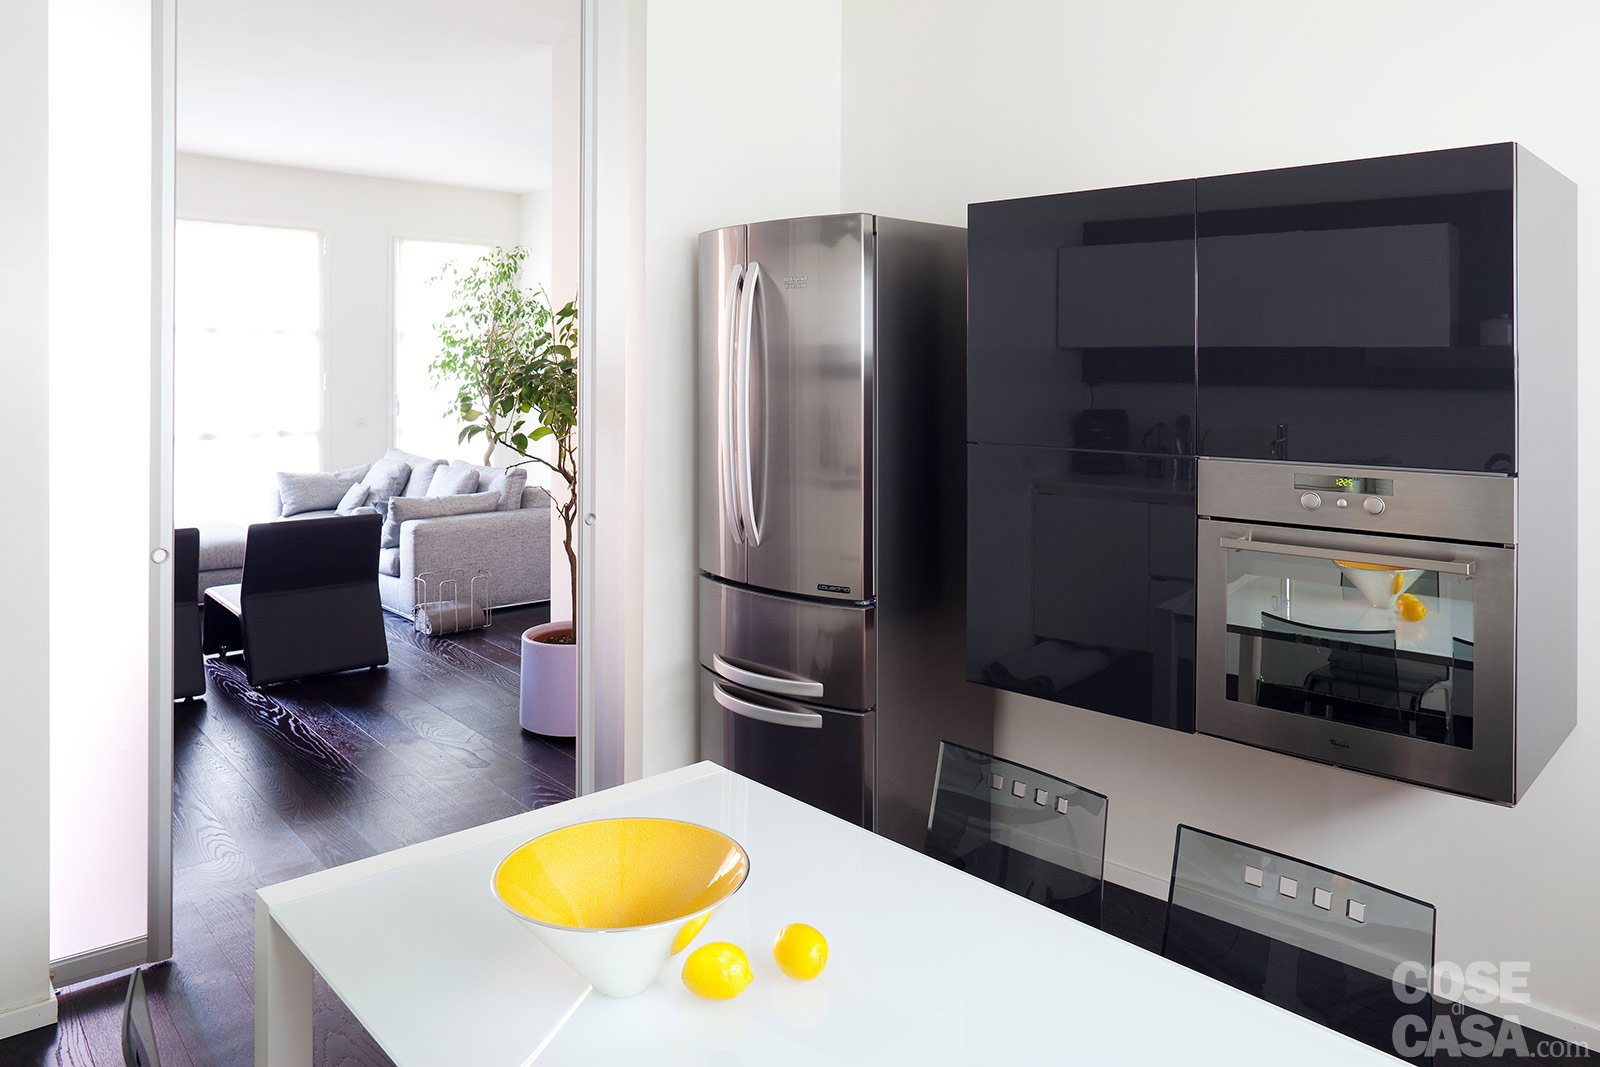 Una casa ristrutturata puntando sull 39 efficienza energetica - Cucine componibili senza frigo ...